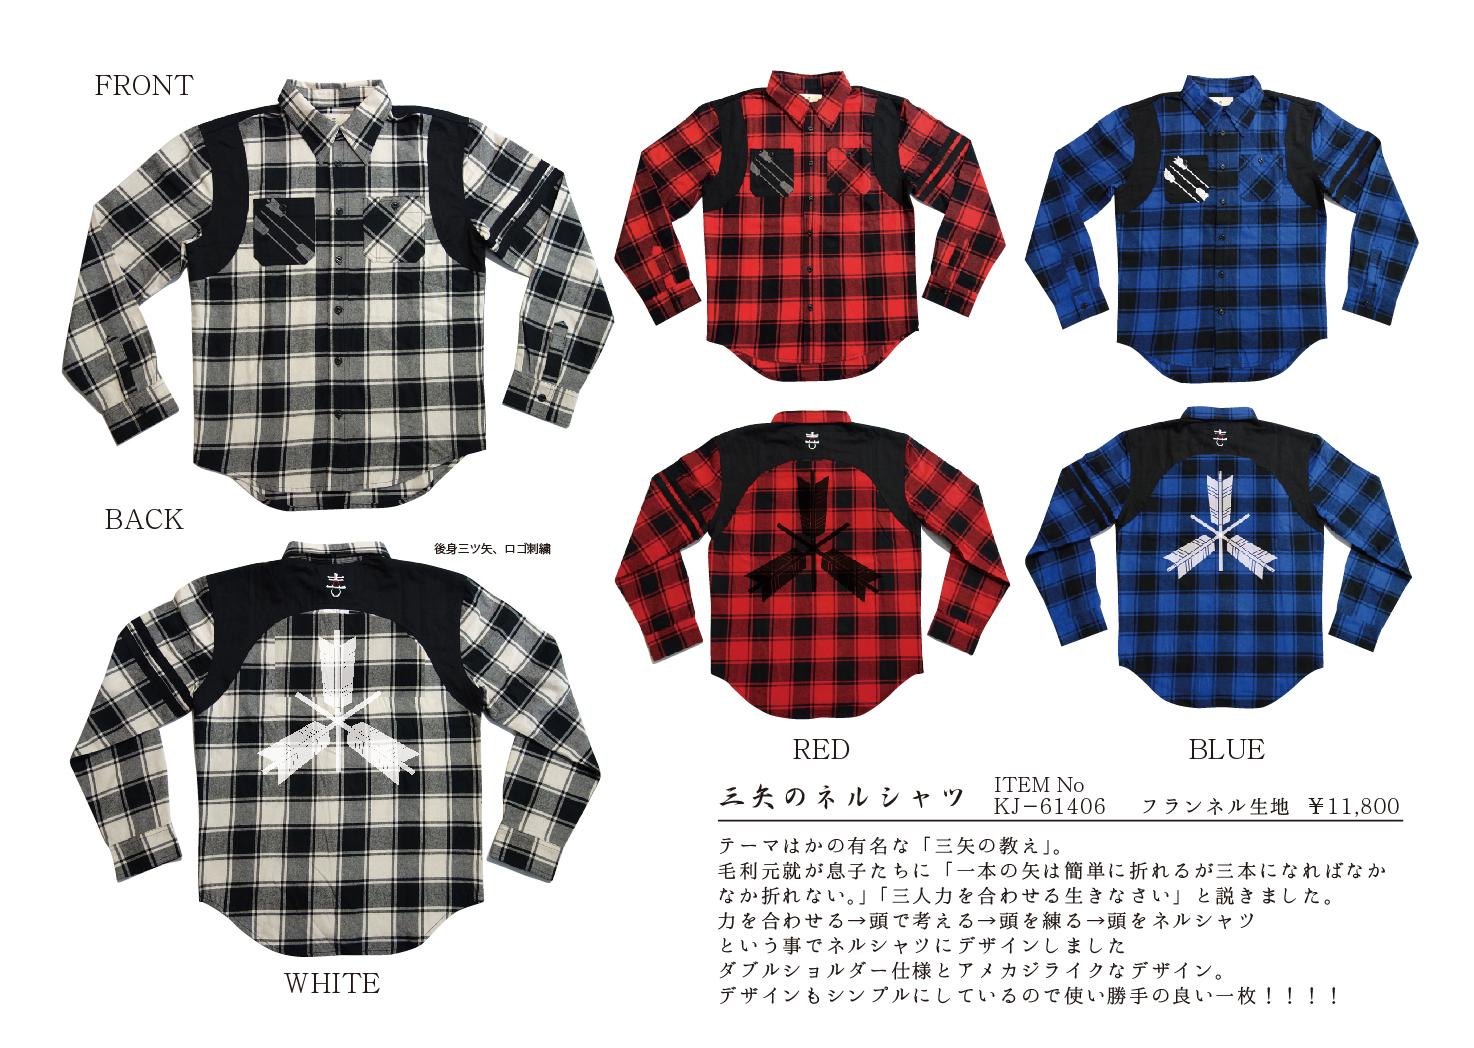 三矢のネルシャツ